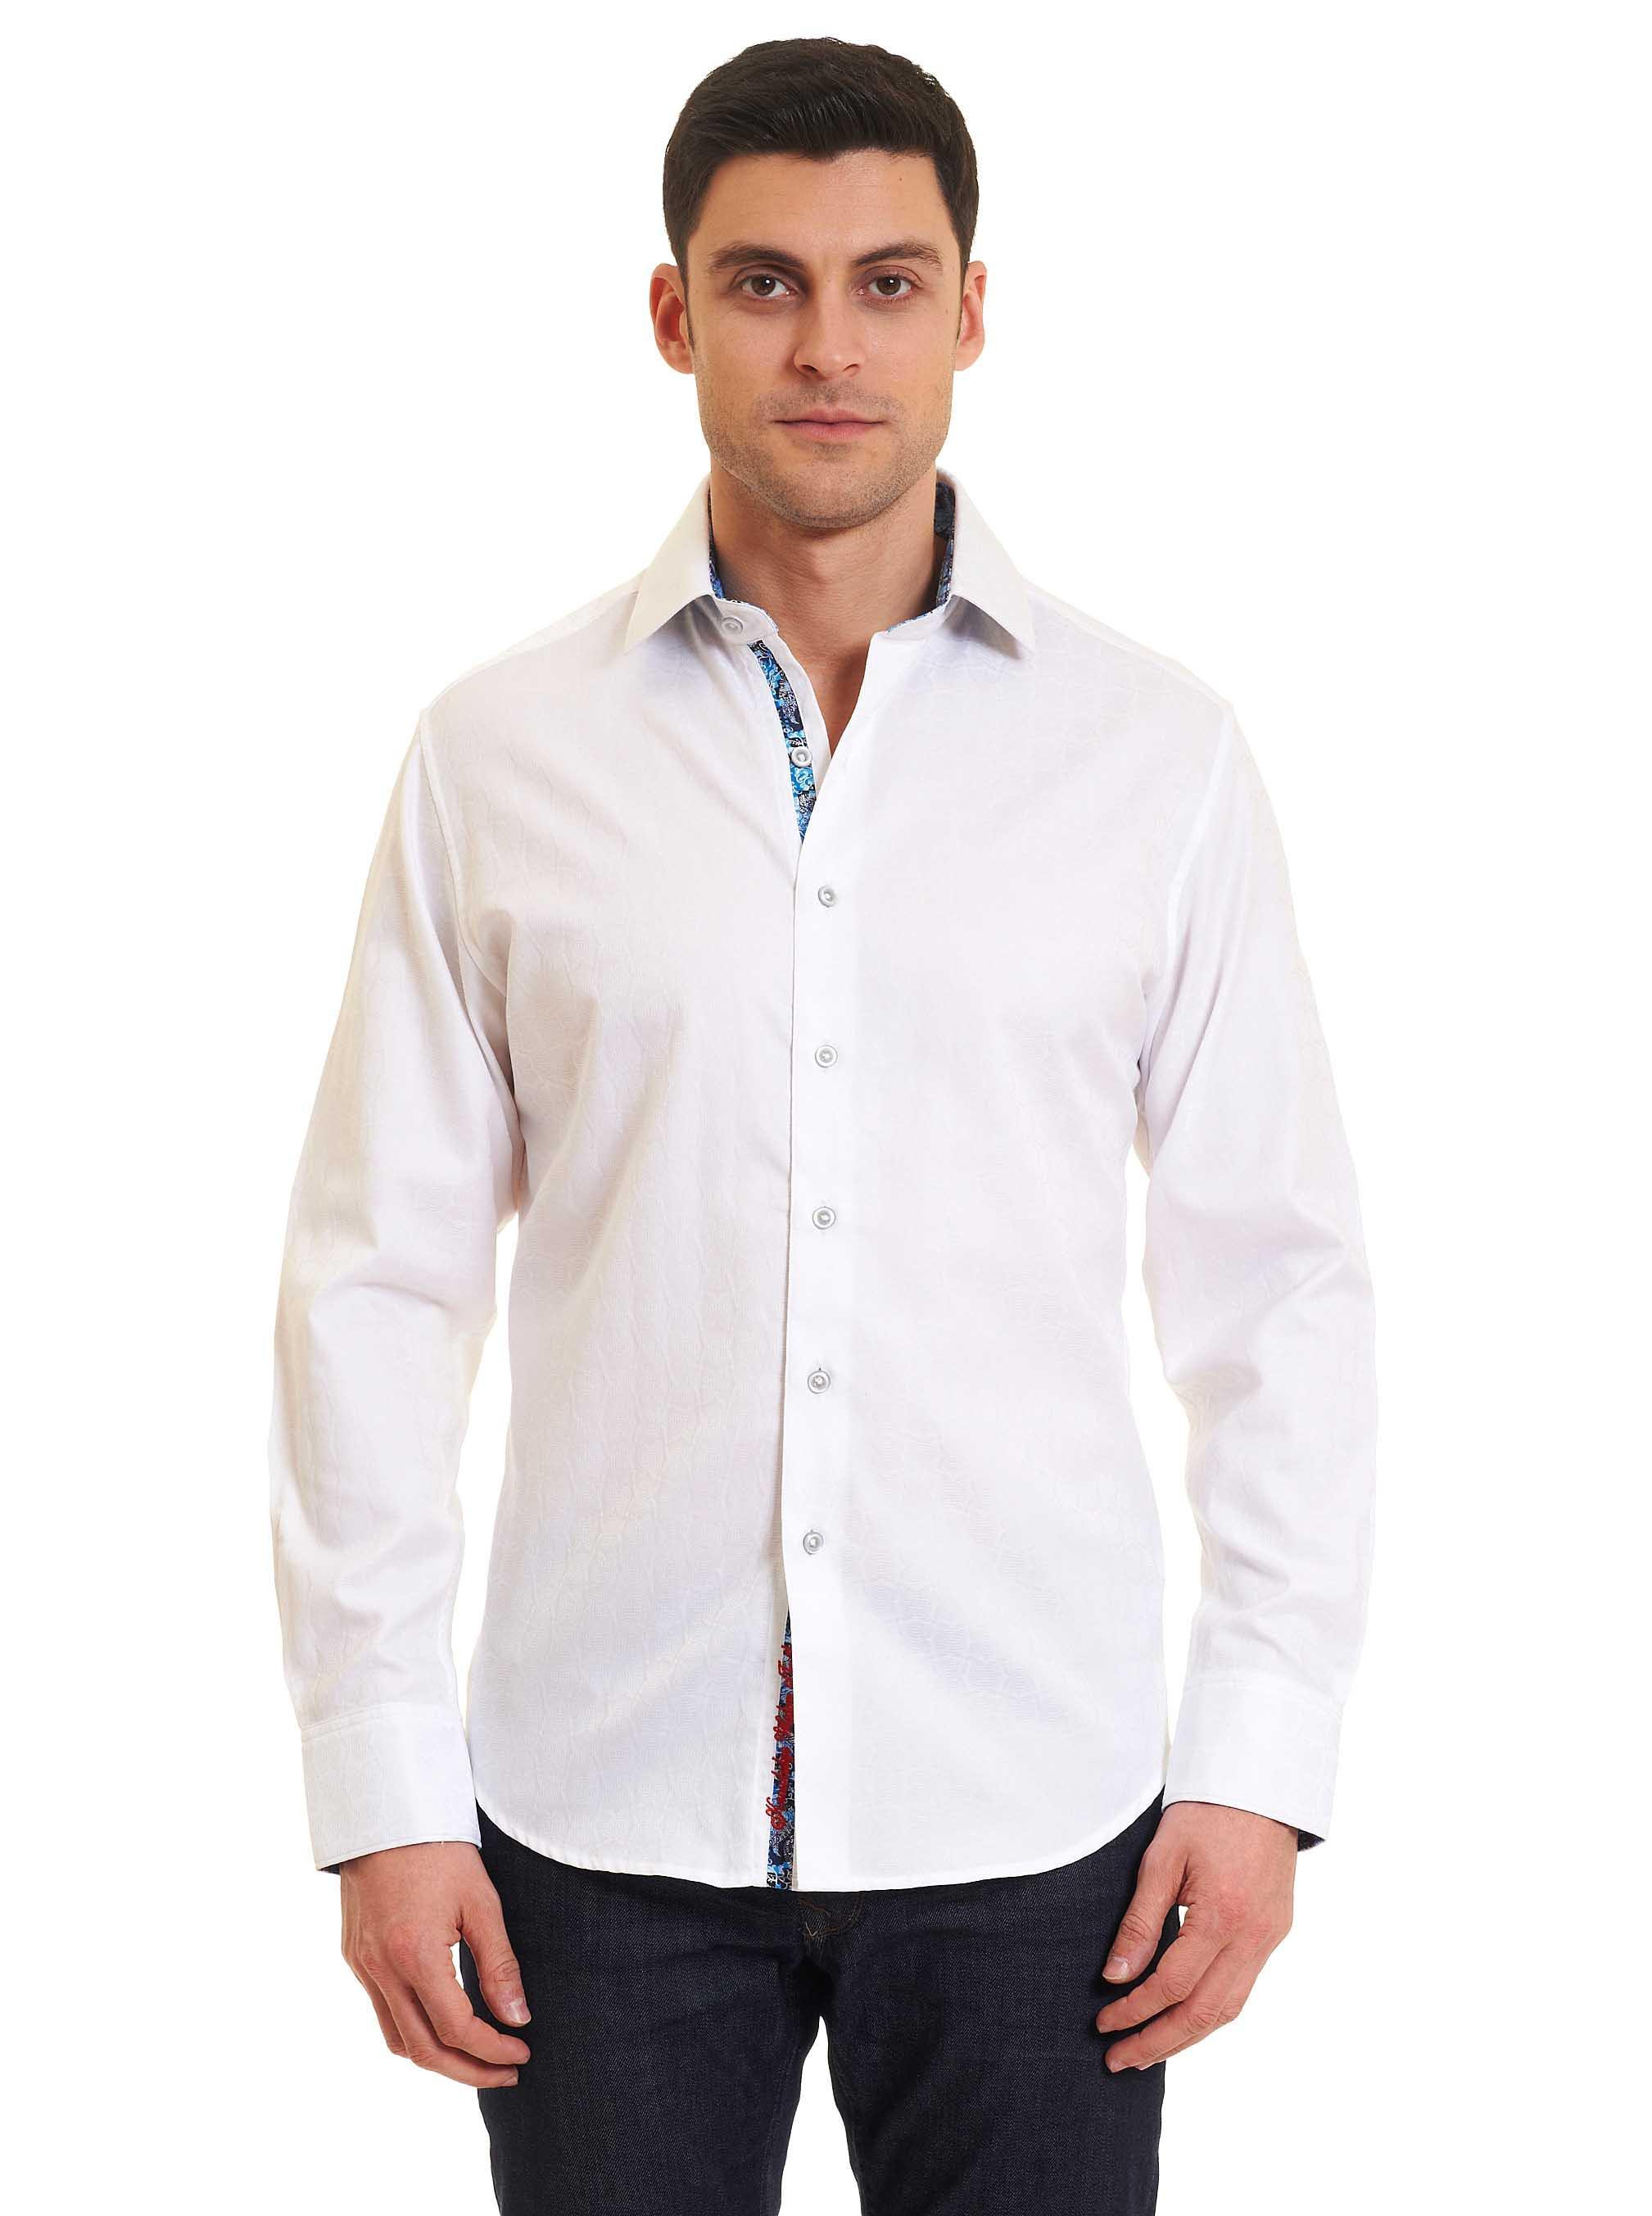 81d1c28cfa2 Lyst - Robert Graham Rialto Sport Shirt Tall in White for Men